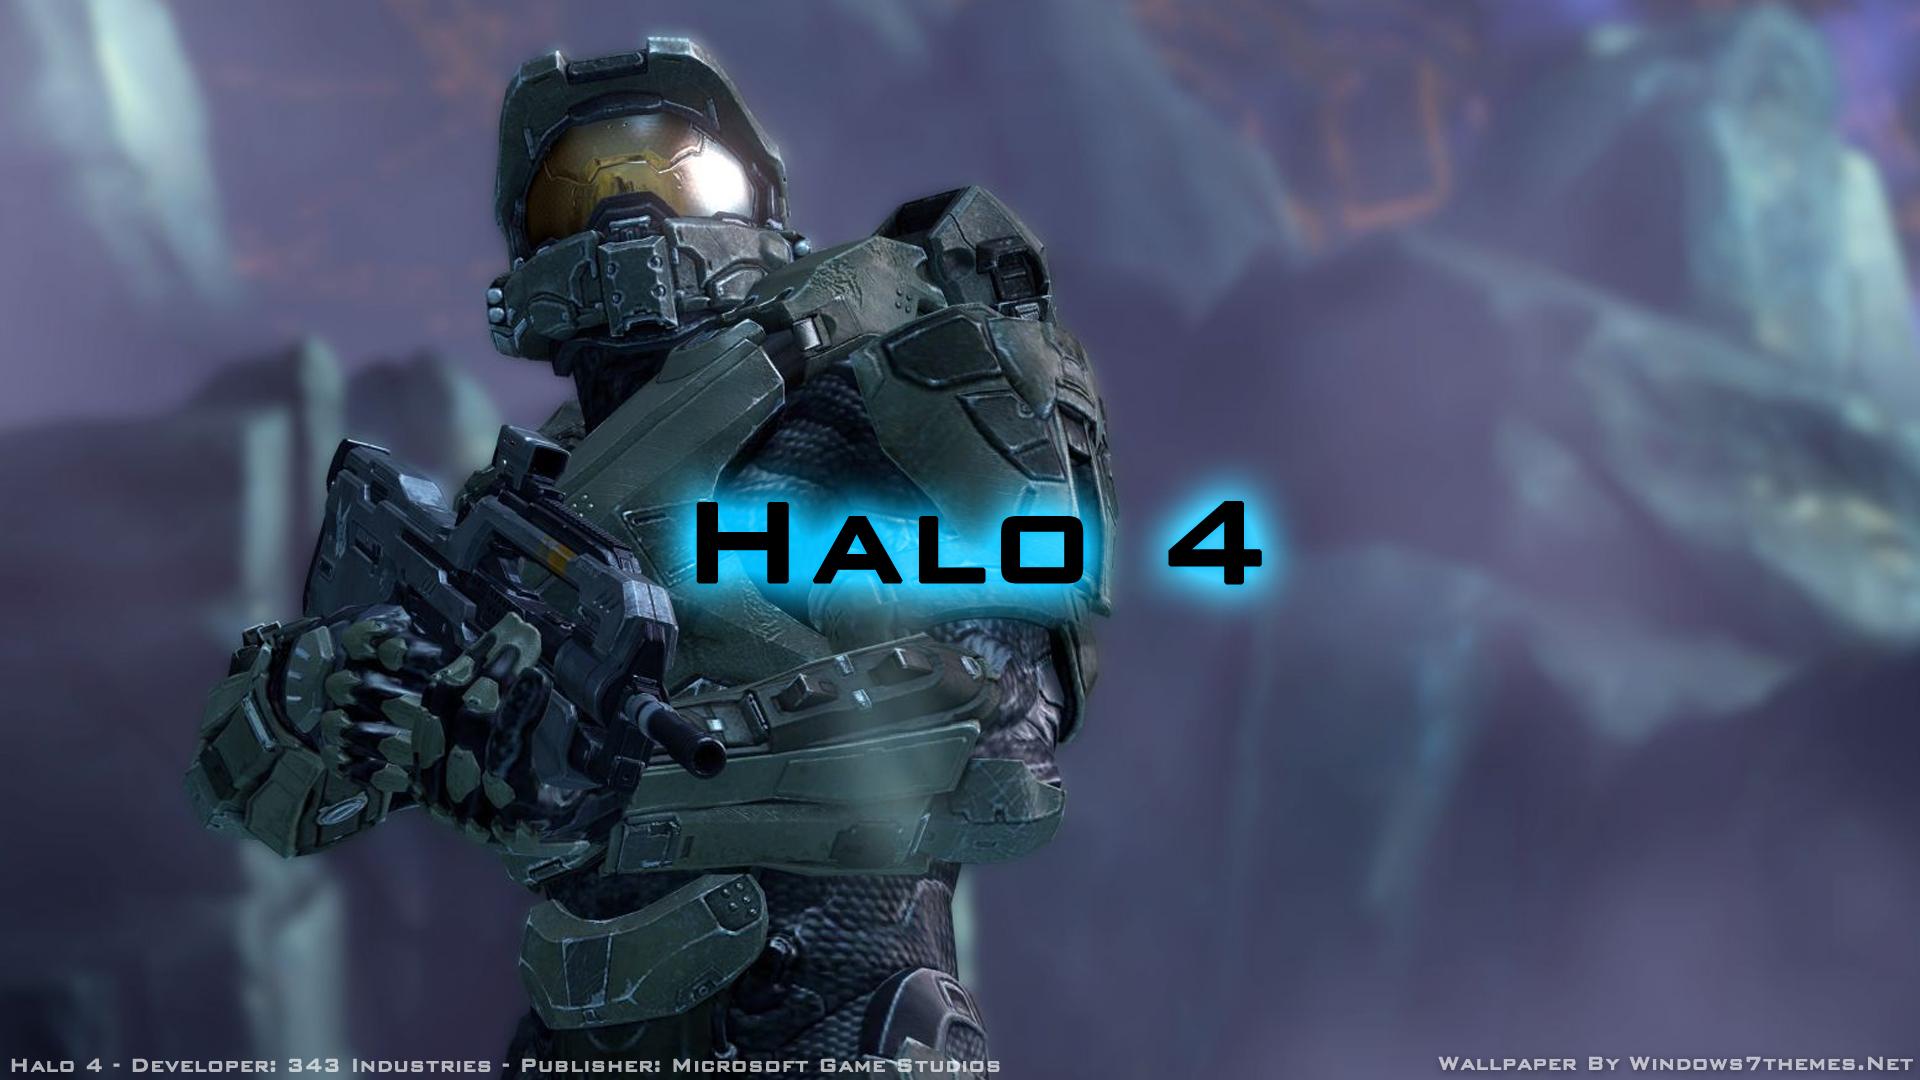 Cool halo 4 wallpaper wallpapersafari - Halo 5 screensaver ...